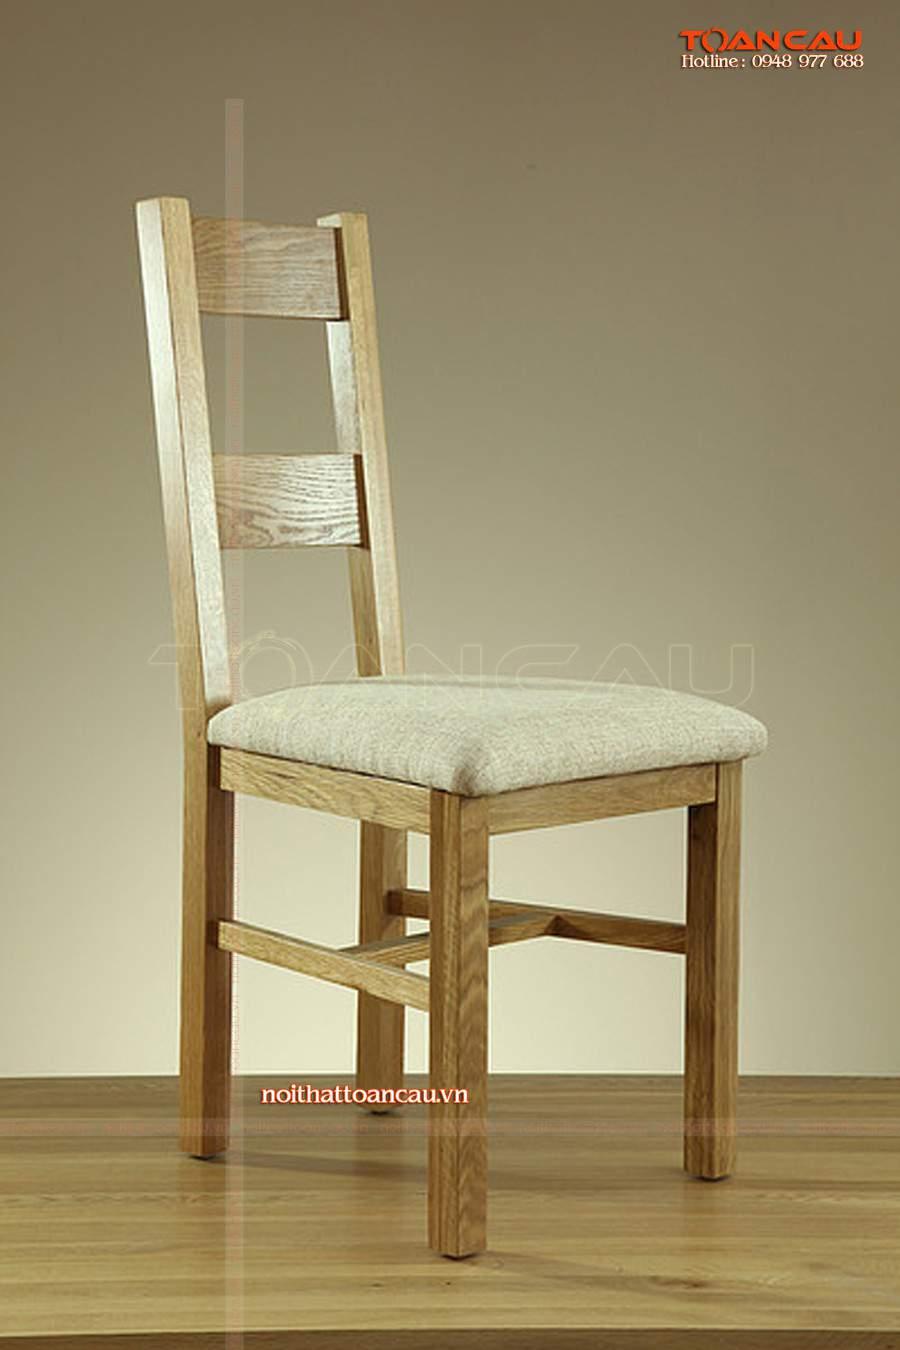 Mẫu bàn ghế ăn đẹp được các gia đình lựa chọn nhiều nhất hiện nay.